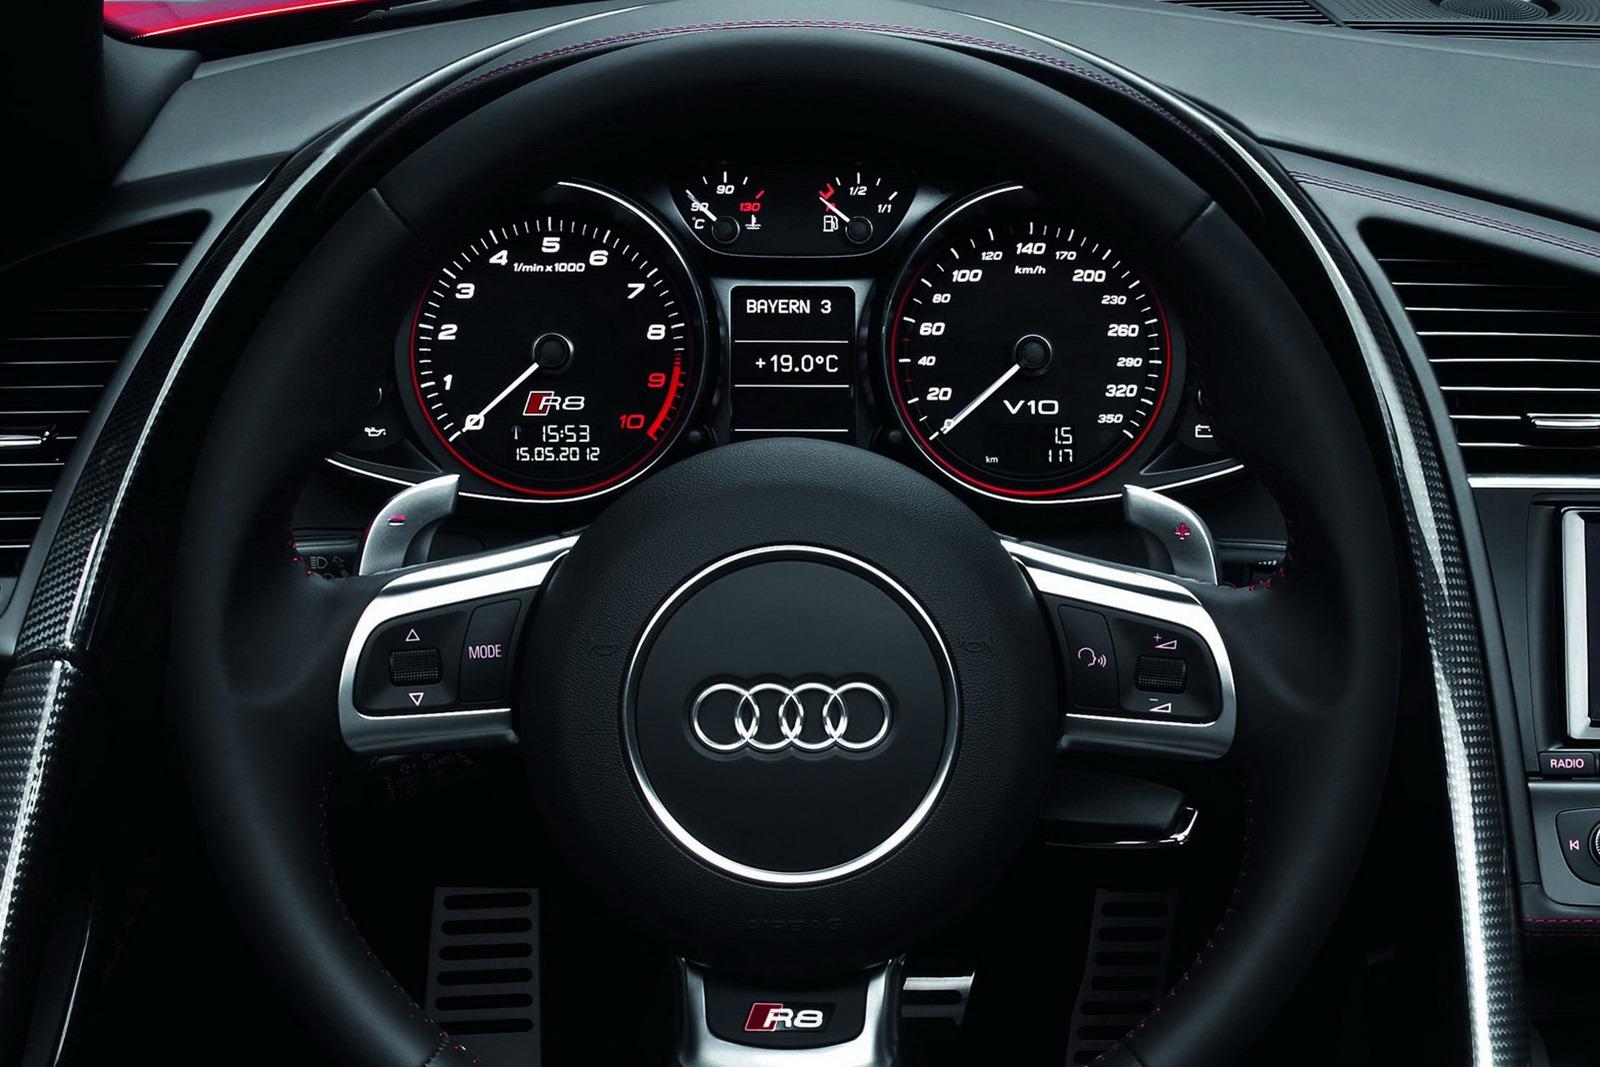 Superbe 2013, Audi, Audi R8, 2013 Audi R8 Dual Clutch, Audi, Audi